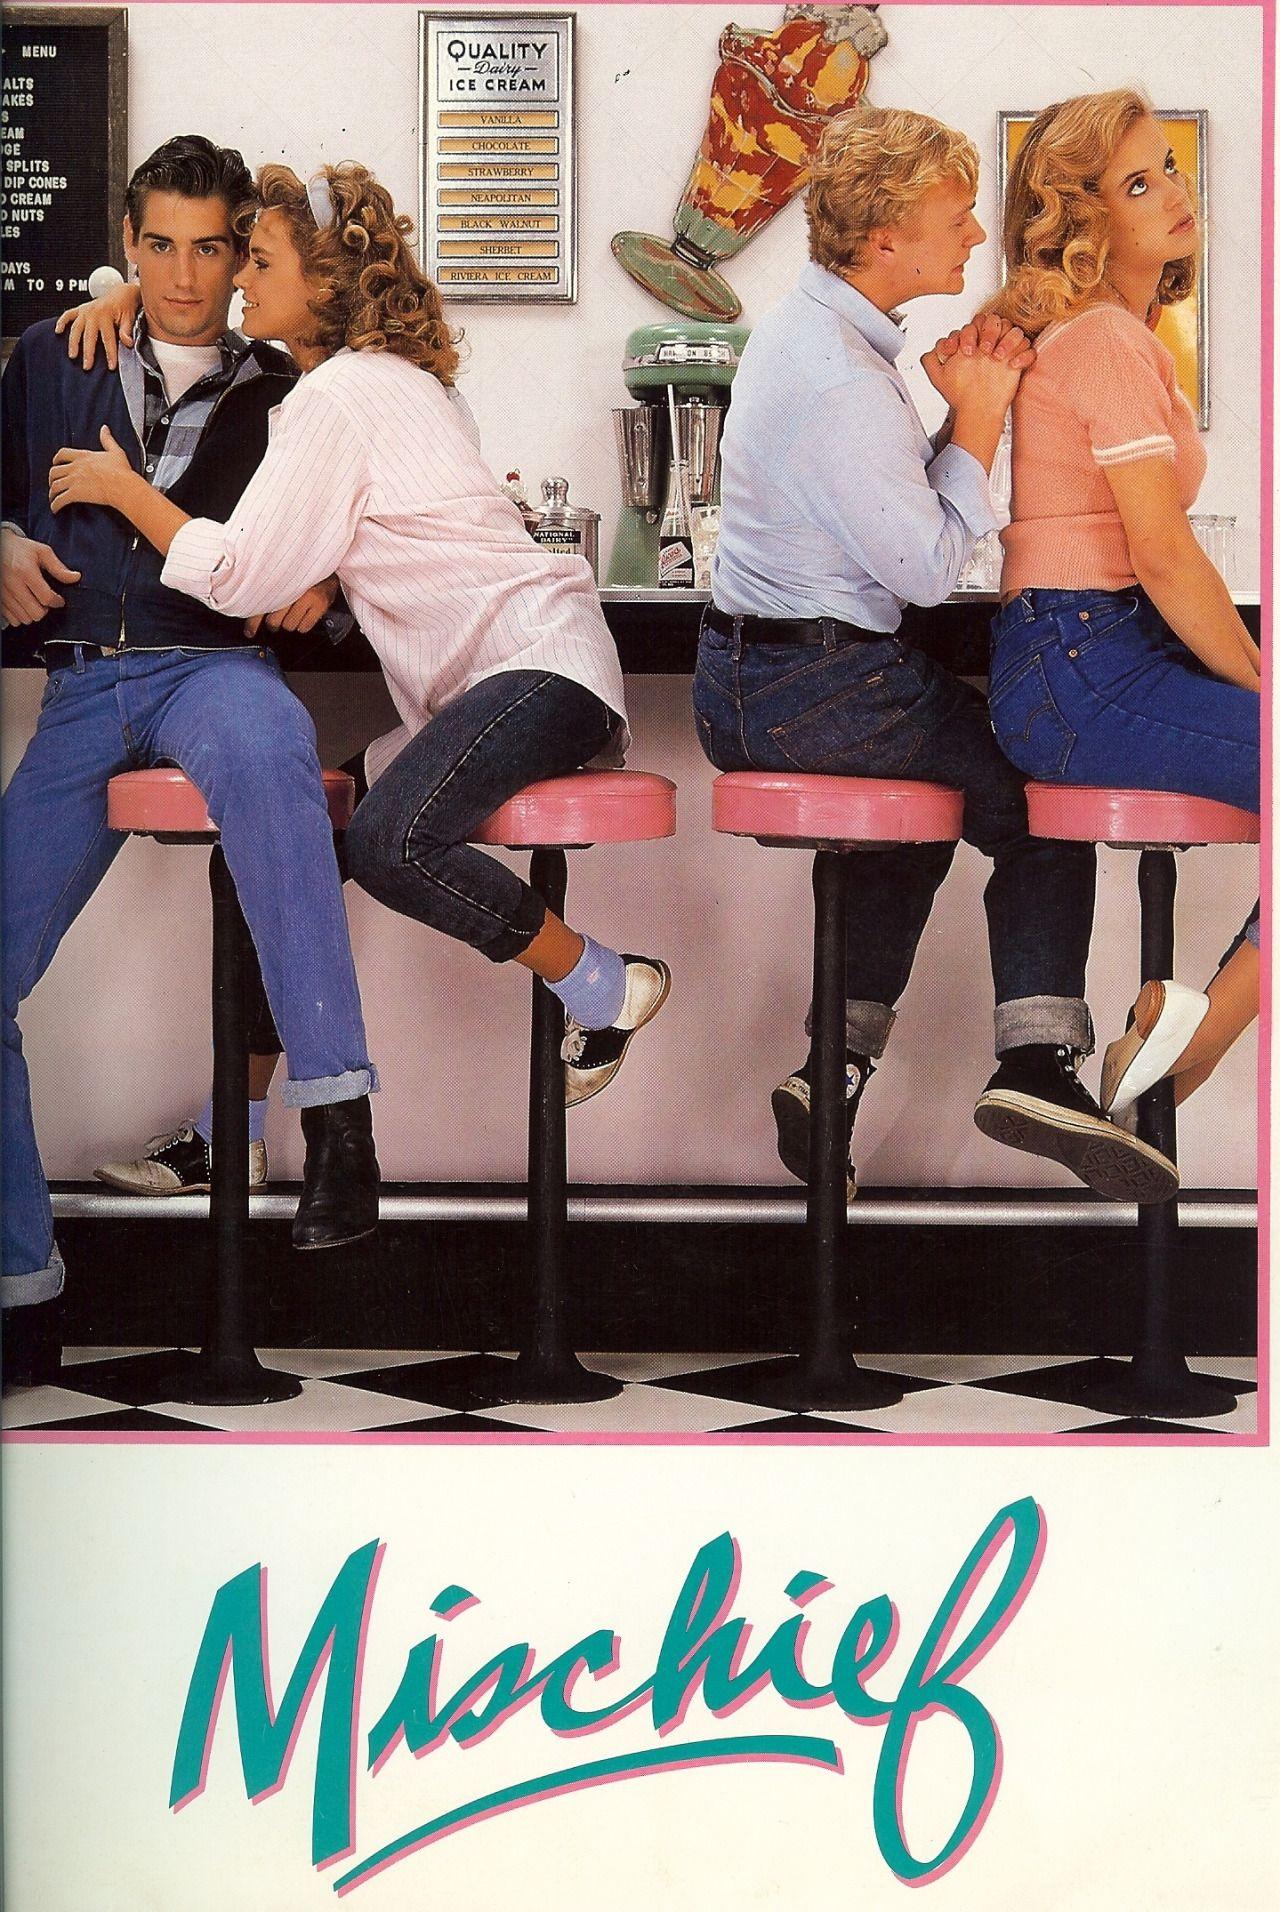 Mischief (1985) Full movies online free, Mischief movie